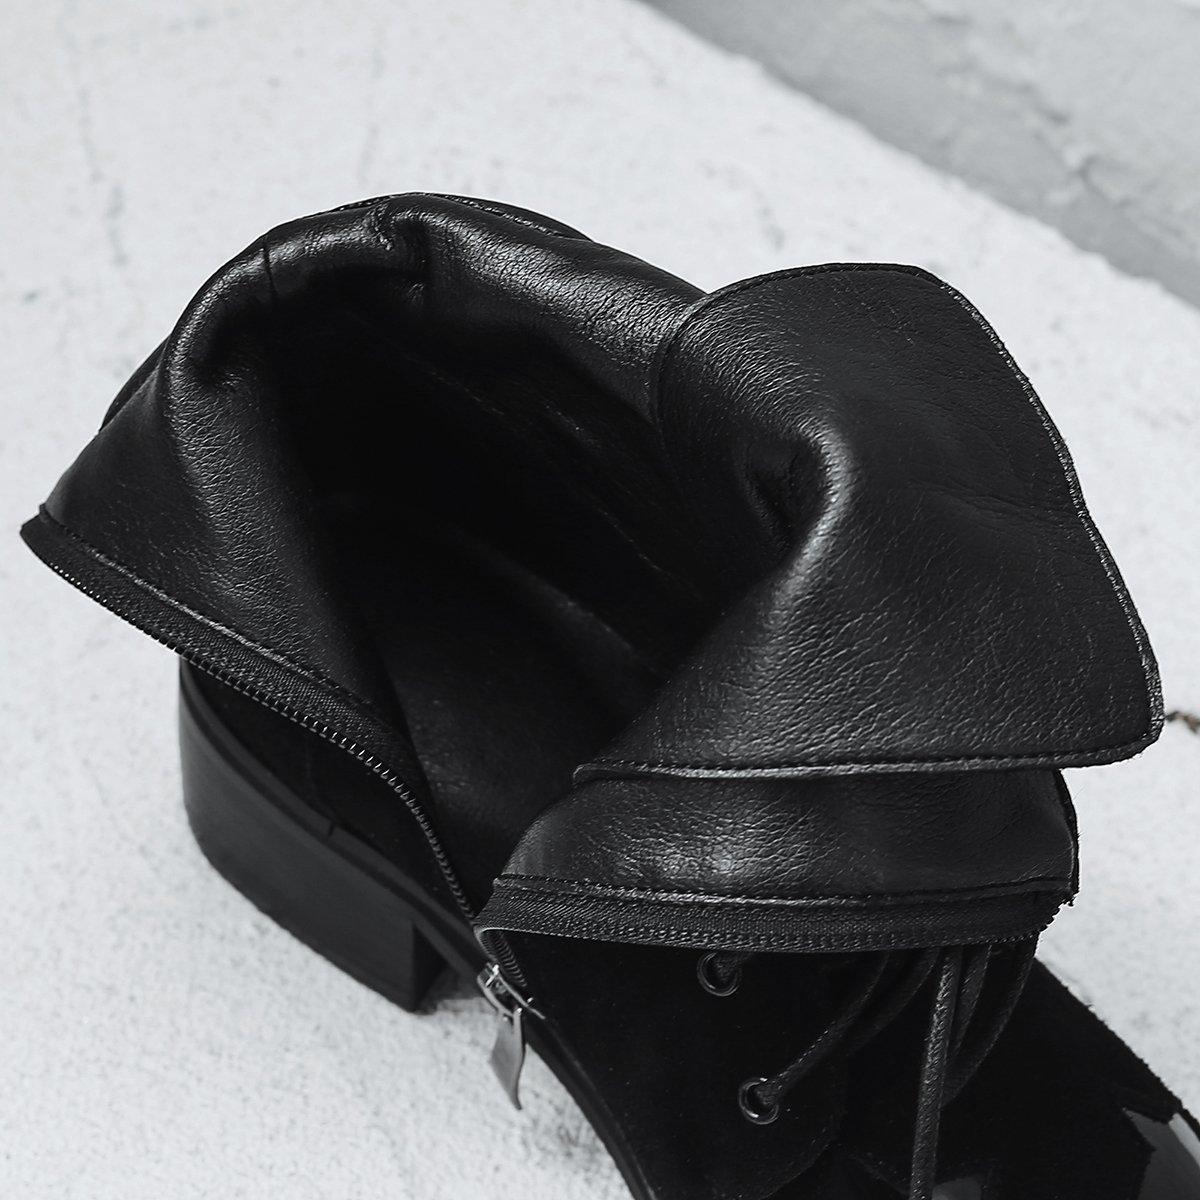 ANNIESHOE ANNIESHOE ANNIESHOE Stiefeletten Damen Wildleder Biker Stiefel Blockabsatz Schwarz 3a163f